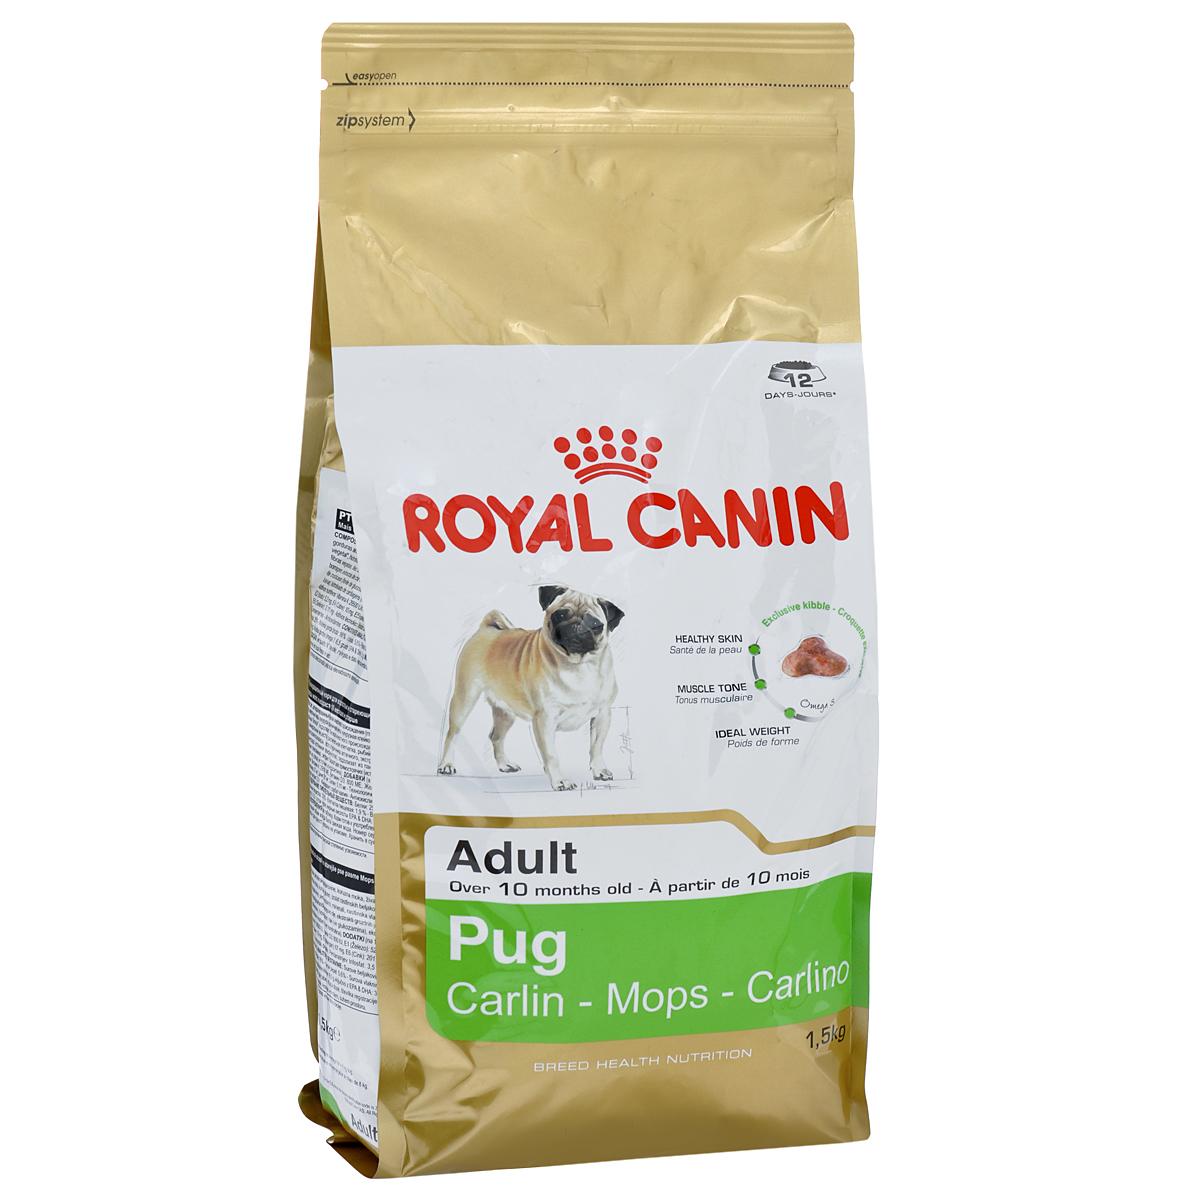 Корм сухой Royal Canin Pug Adult , для собак породы мопс от 10 месяцев, 1,5 кг2404Корм сухой Royal Canin Pug Adult  - полнорационное питание для собак породы мопс от 10 месяцев. Мопс — это истинно аристократическая порода. Очаровательные небольшие собаки издавна были любимцами знати благодаря своему спокойному нраву и сильной привязанности к хозяину. При подборе корма для мопсов важно учесть специфическое строение их челюсти: чаще всего обычные крокеты им очень неудобно захватывать и разгрызать, что приводит к нарушениям пищеварительной системы и мочеиспускательного канала. Здоровая кожа. Новая формула поддерживает кожу собаки в идеальном состоянии. Мышечный тонус. Специализированный корм для мопсов способствует поддержанию мышечного тонуса. Идеальный вес. Продукт способствует гармоничному росту при сохранении идеального веса собаки благодаря снижению уровня жиров. Особая форма крокетов. Крокеты имеют форму трилистника, вследствие чего собаке становится гораздо удобнее их захватывать. Состав: рис,...